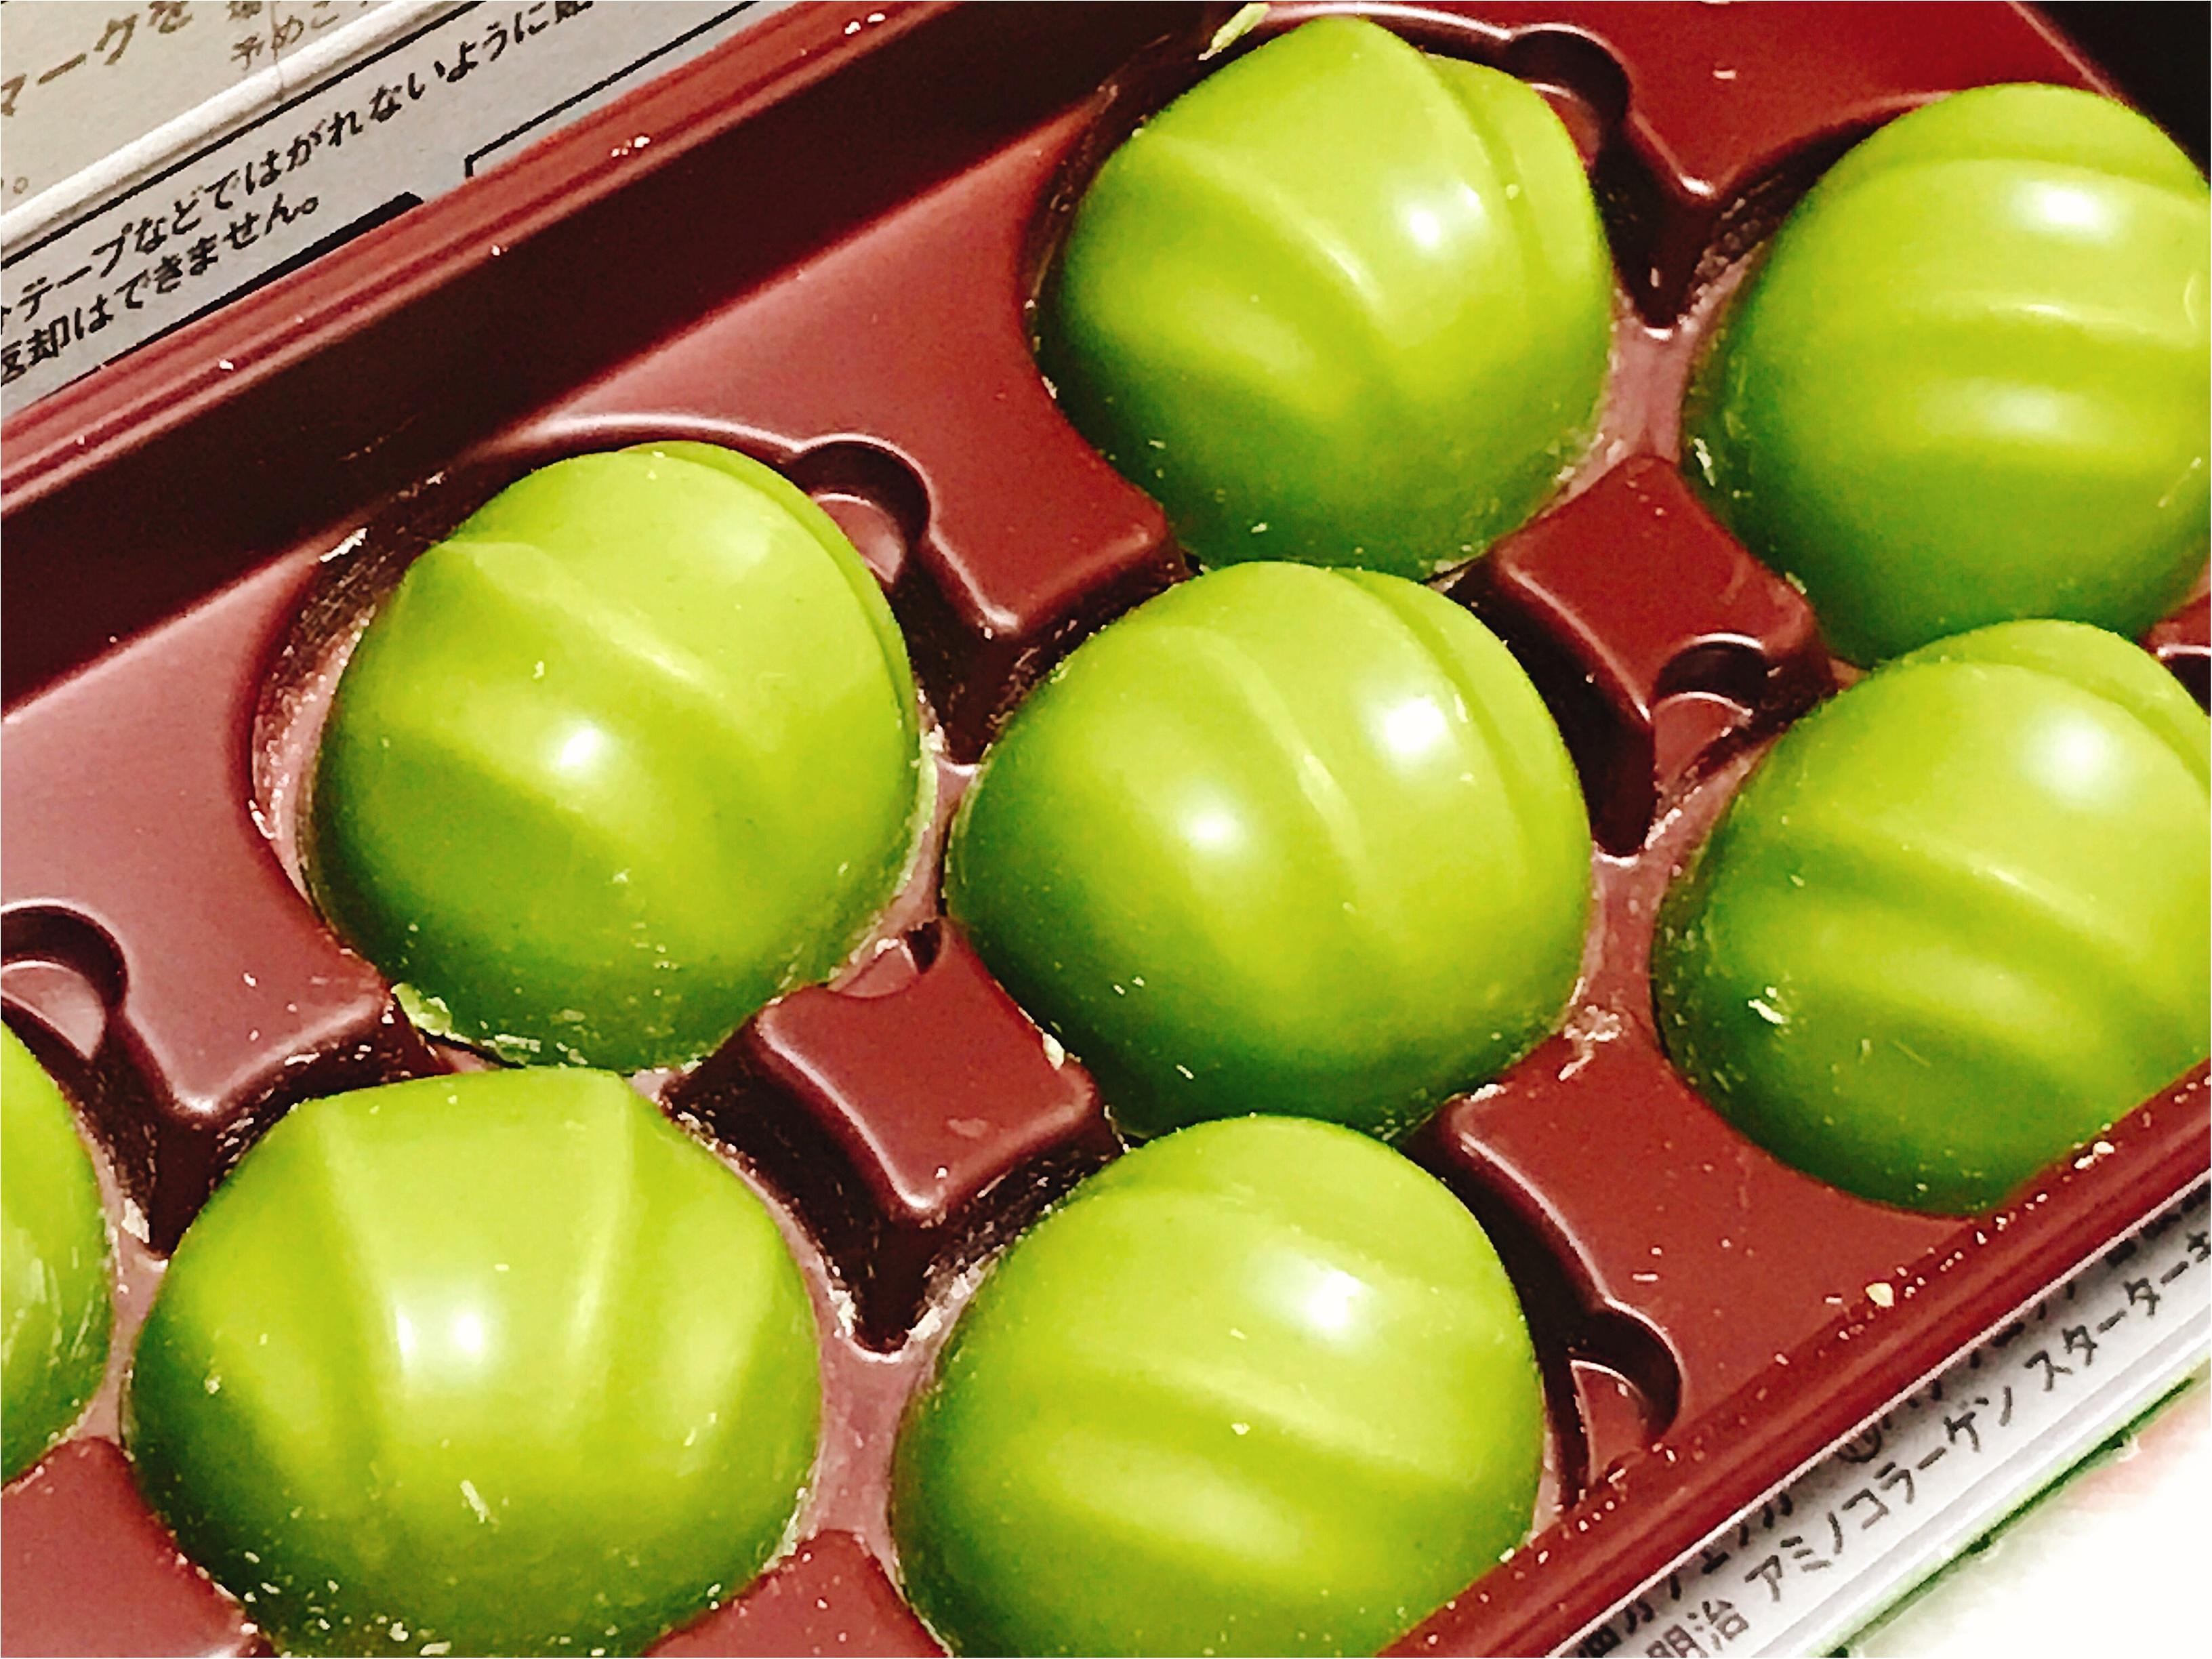 明治はナッツチョコ売上NO.1‼︎大人気のマカダミアチョコレート新作は『抹茶』( ´艸`)♡_2